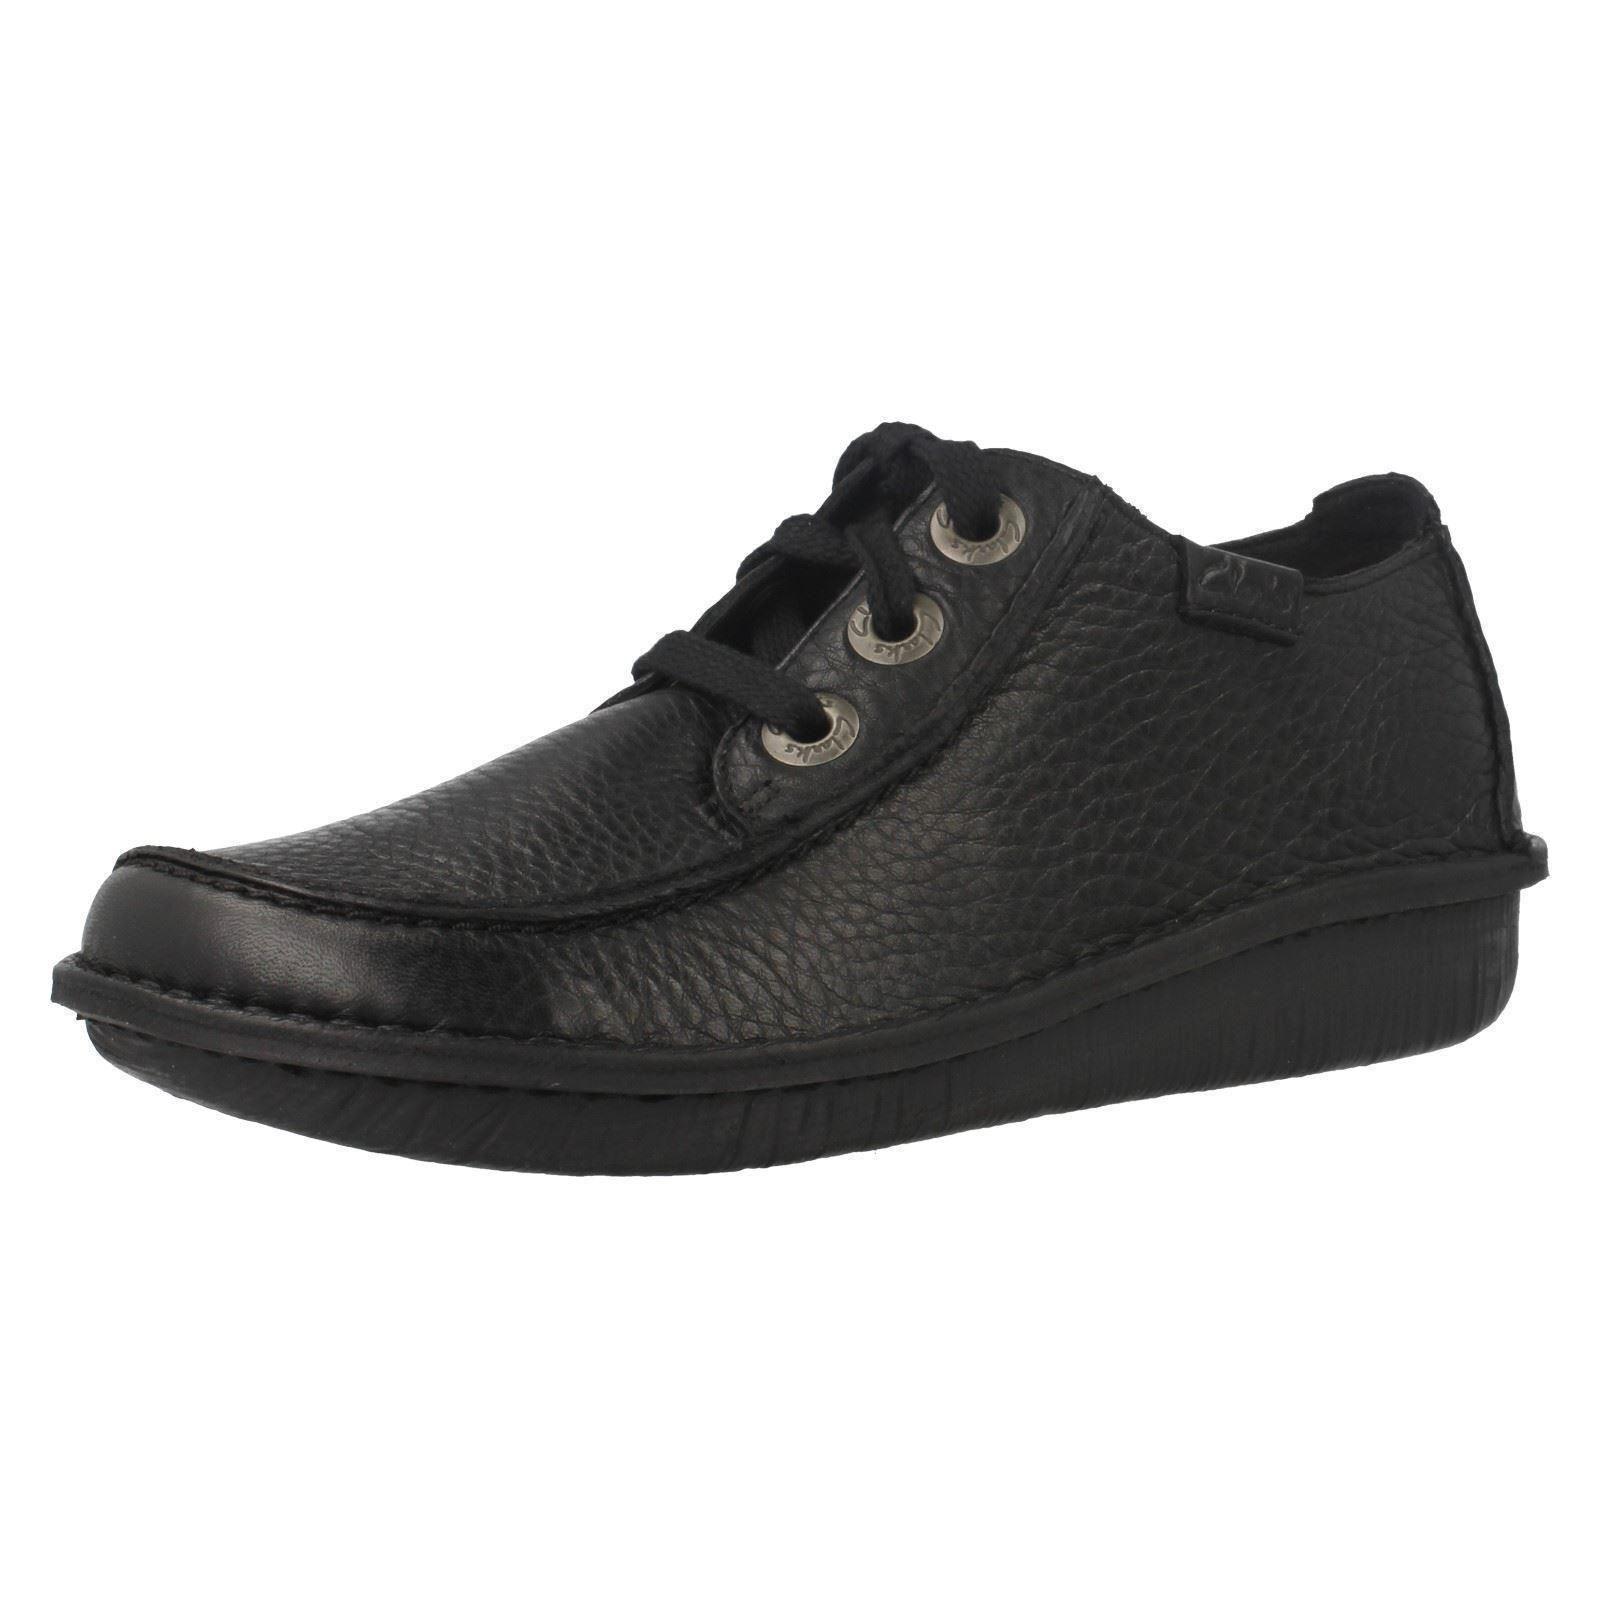 Zapatos casuales salvajes Descuento por tiempo limitado Ladies Clarks Funny Dream Black Leather Casual Lace Up Shoes D Fitting